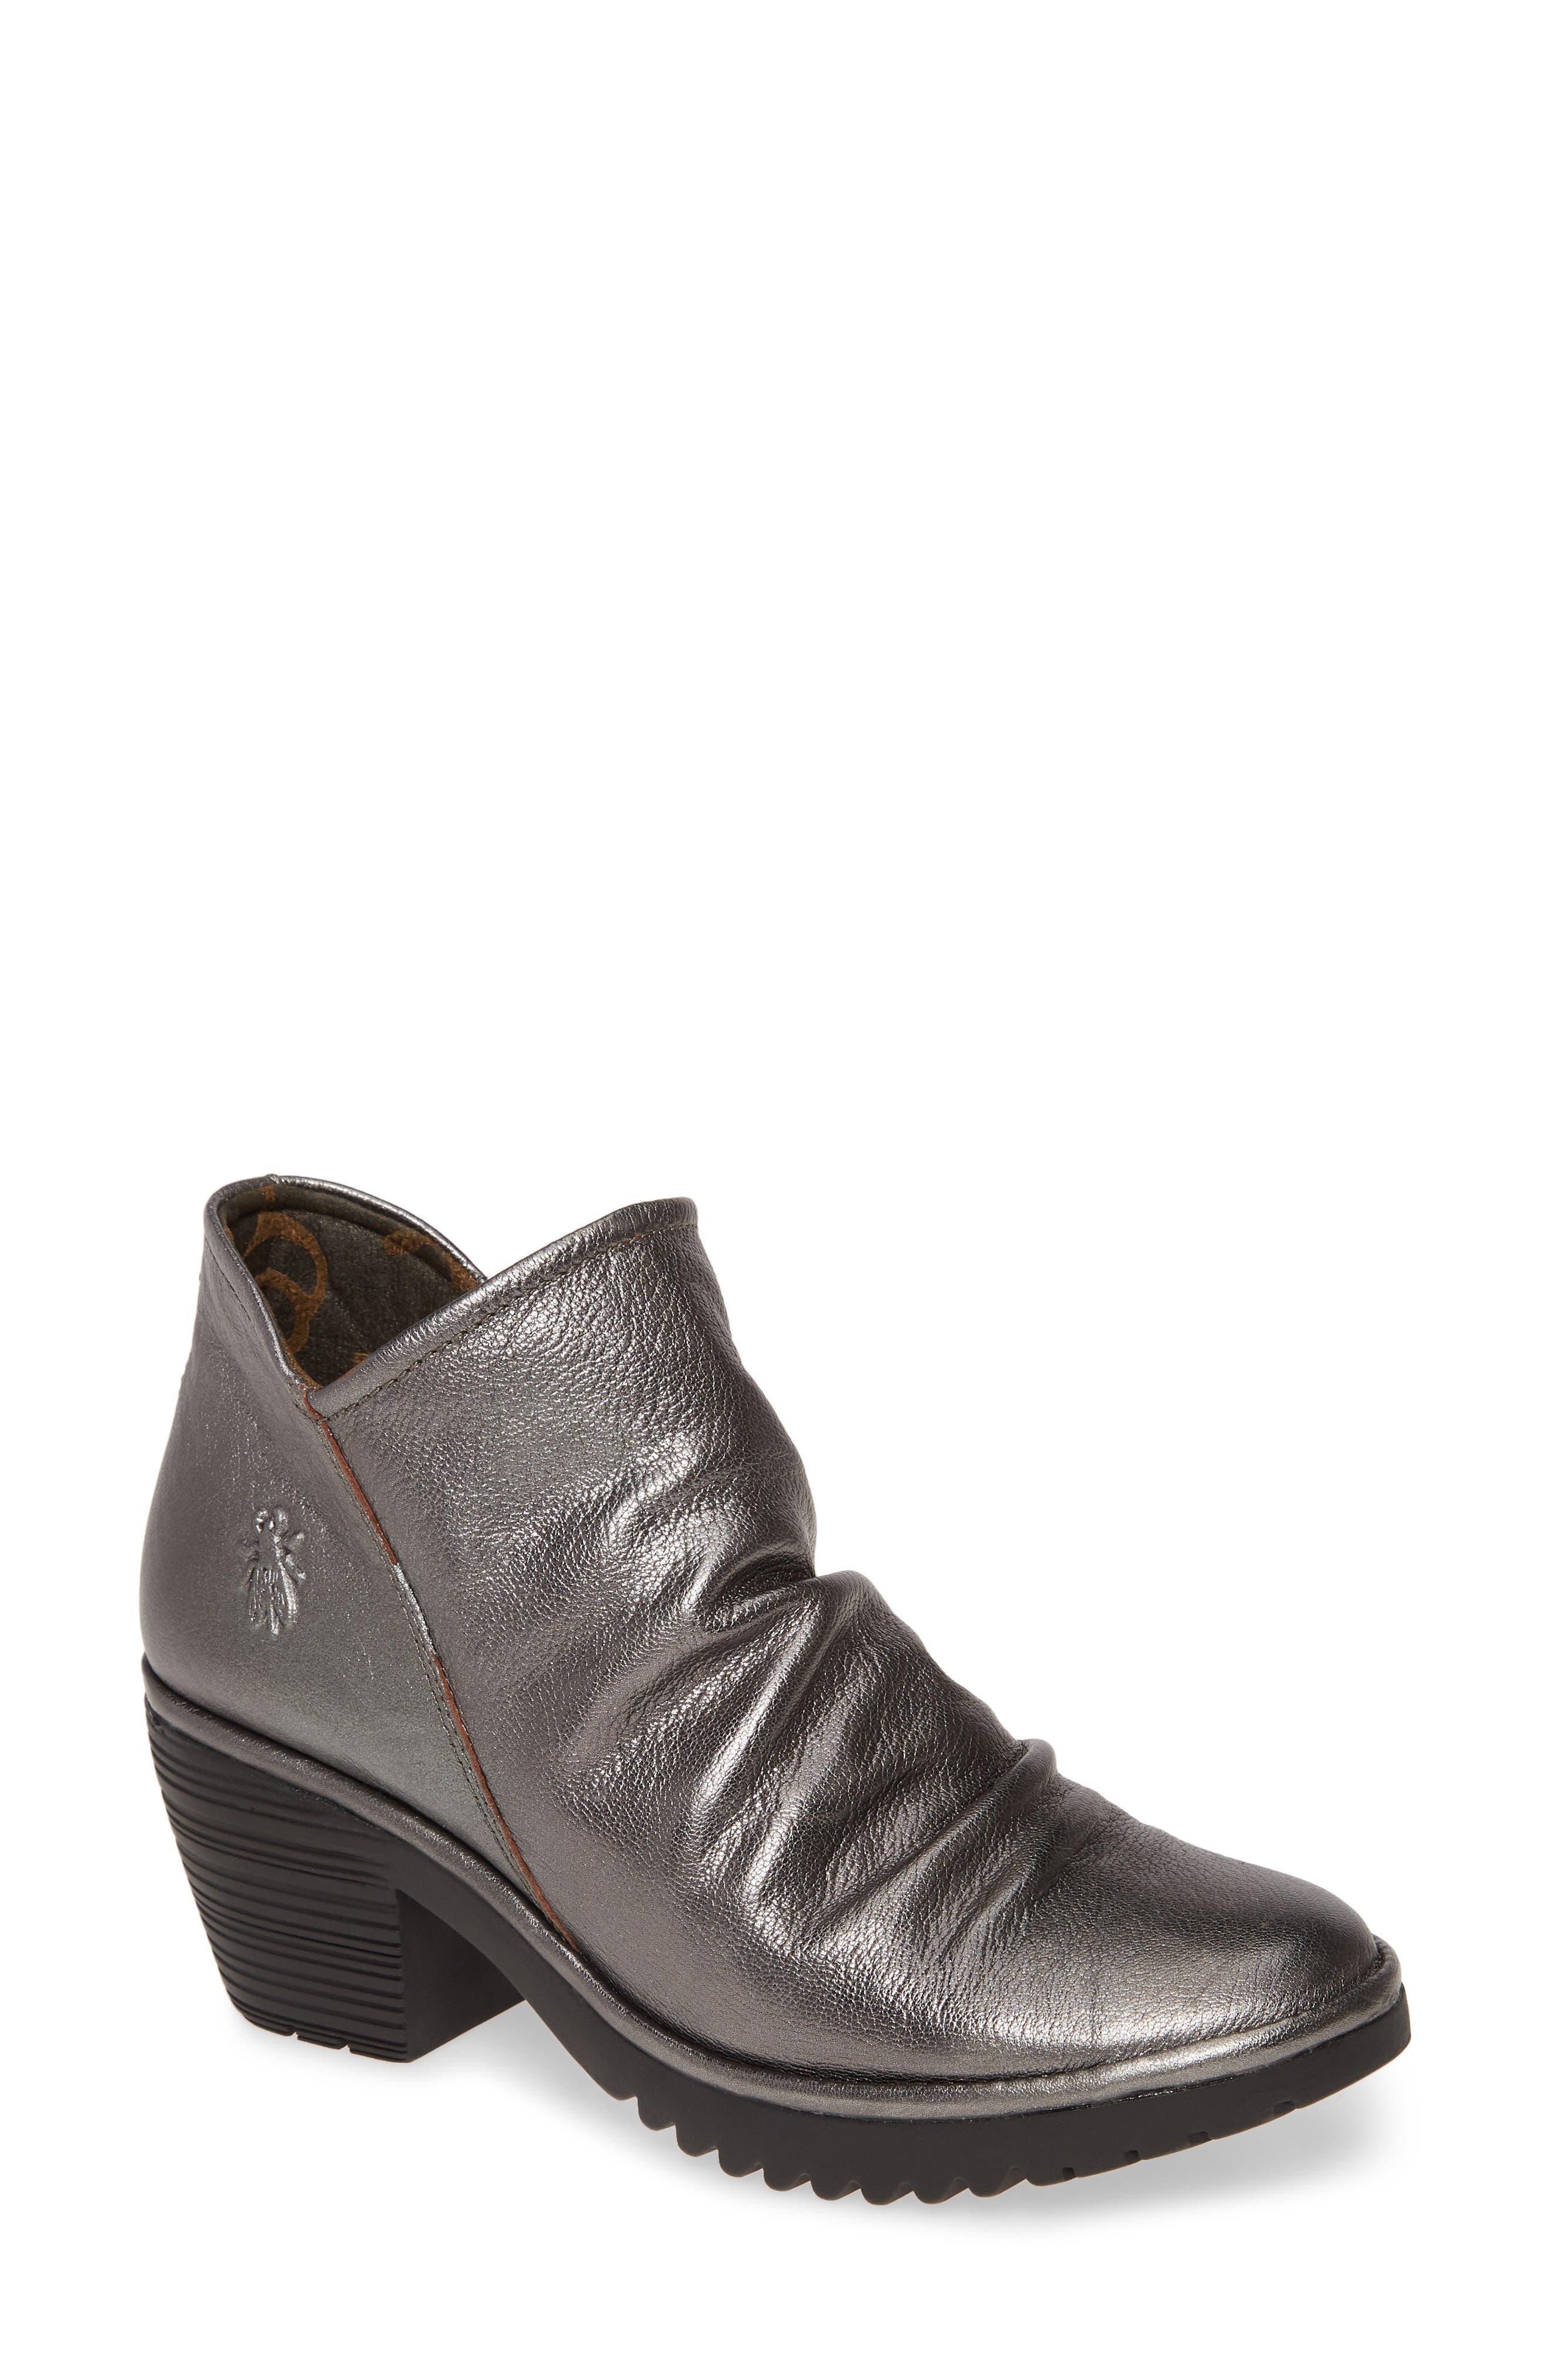 Fly London Shoes Sale \u0026 Clearance